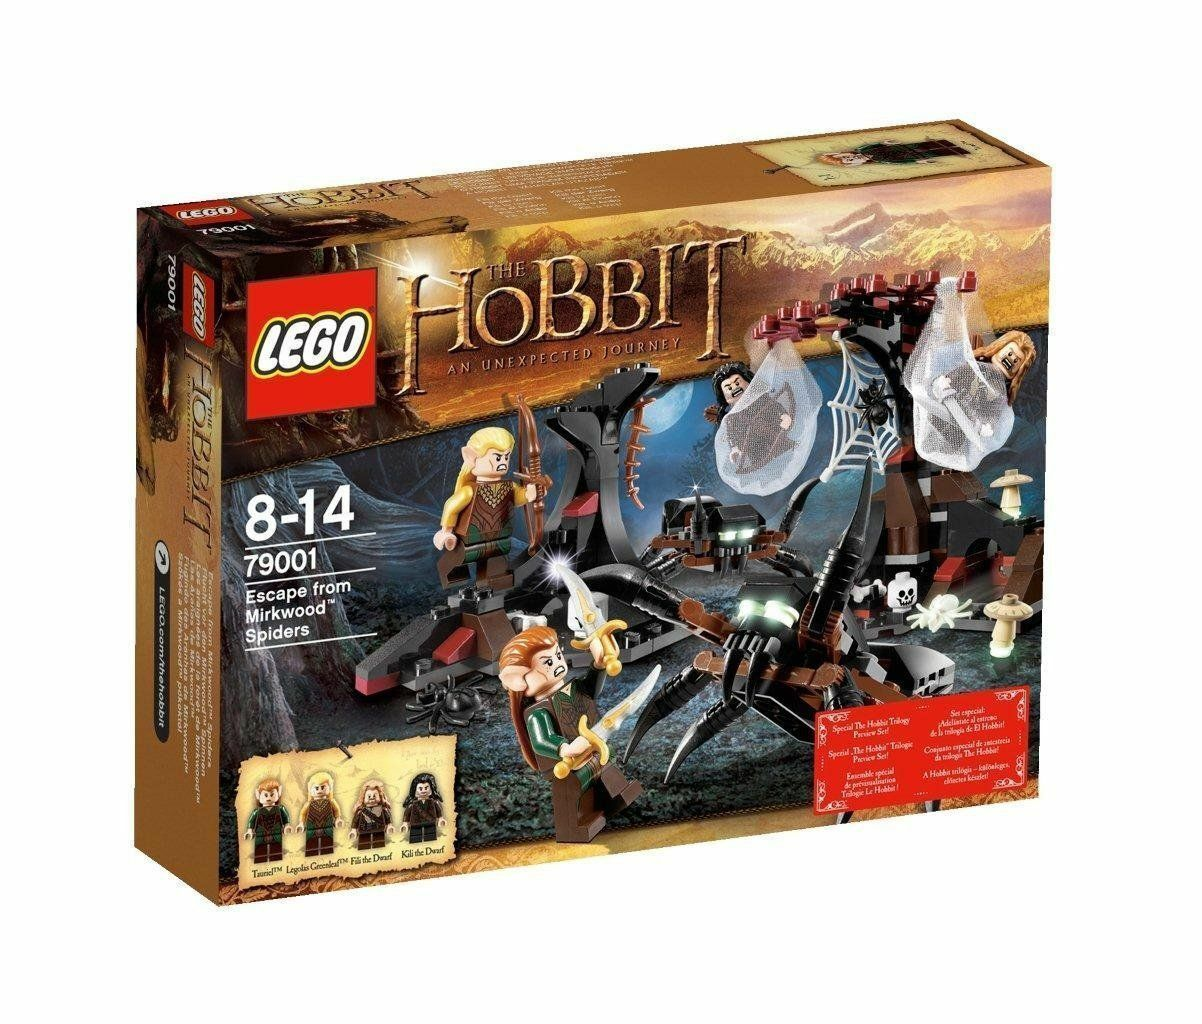 nuovo IN  scatola - LEGO The Hobbit  Escape from Mirkwood Spiders - 79001 298 pieces  tutti i prodotti ottengono fino al 34% di sconto